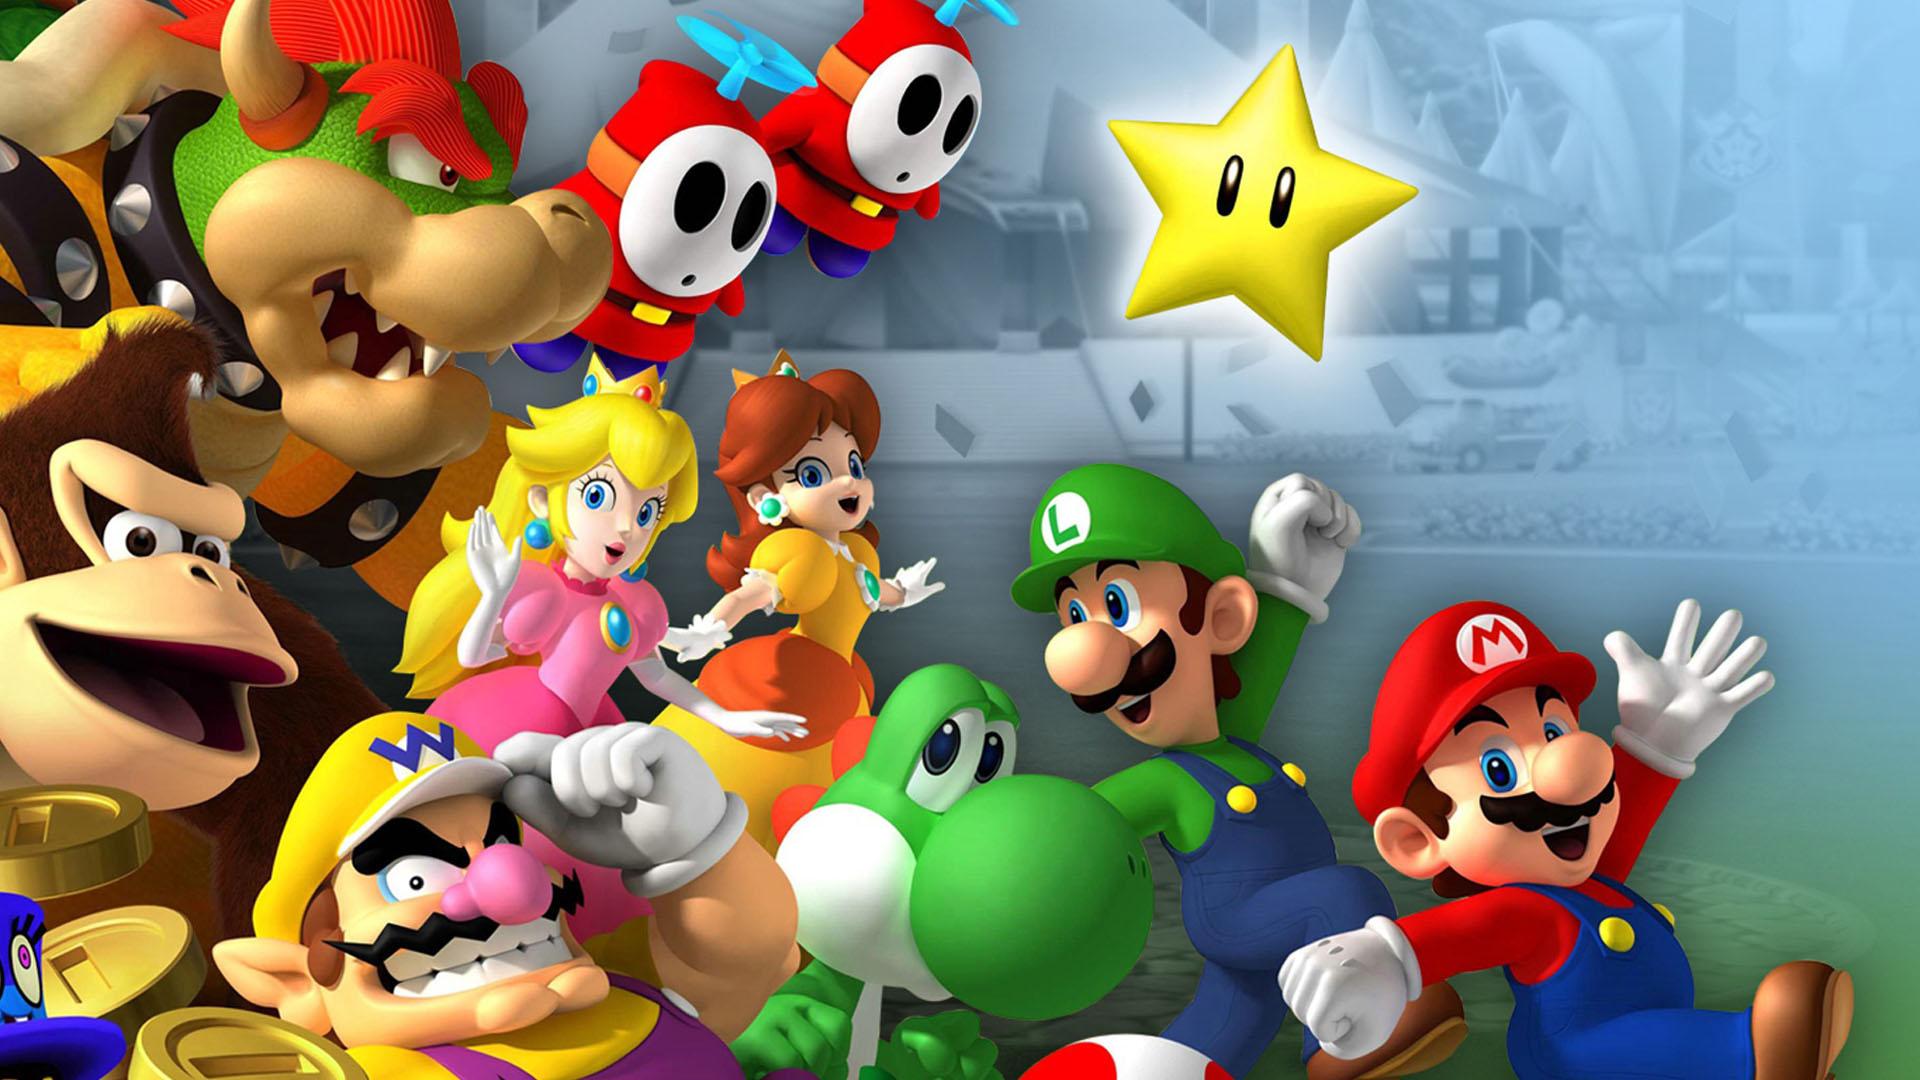 Wallpaper de Mario y Luigie